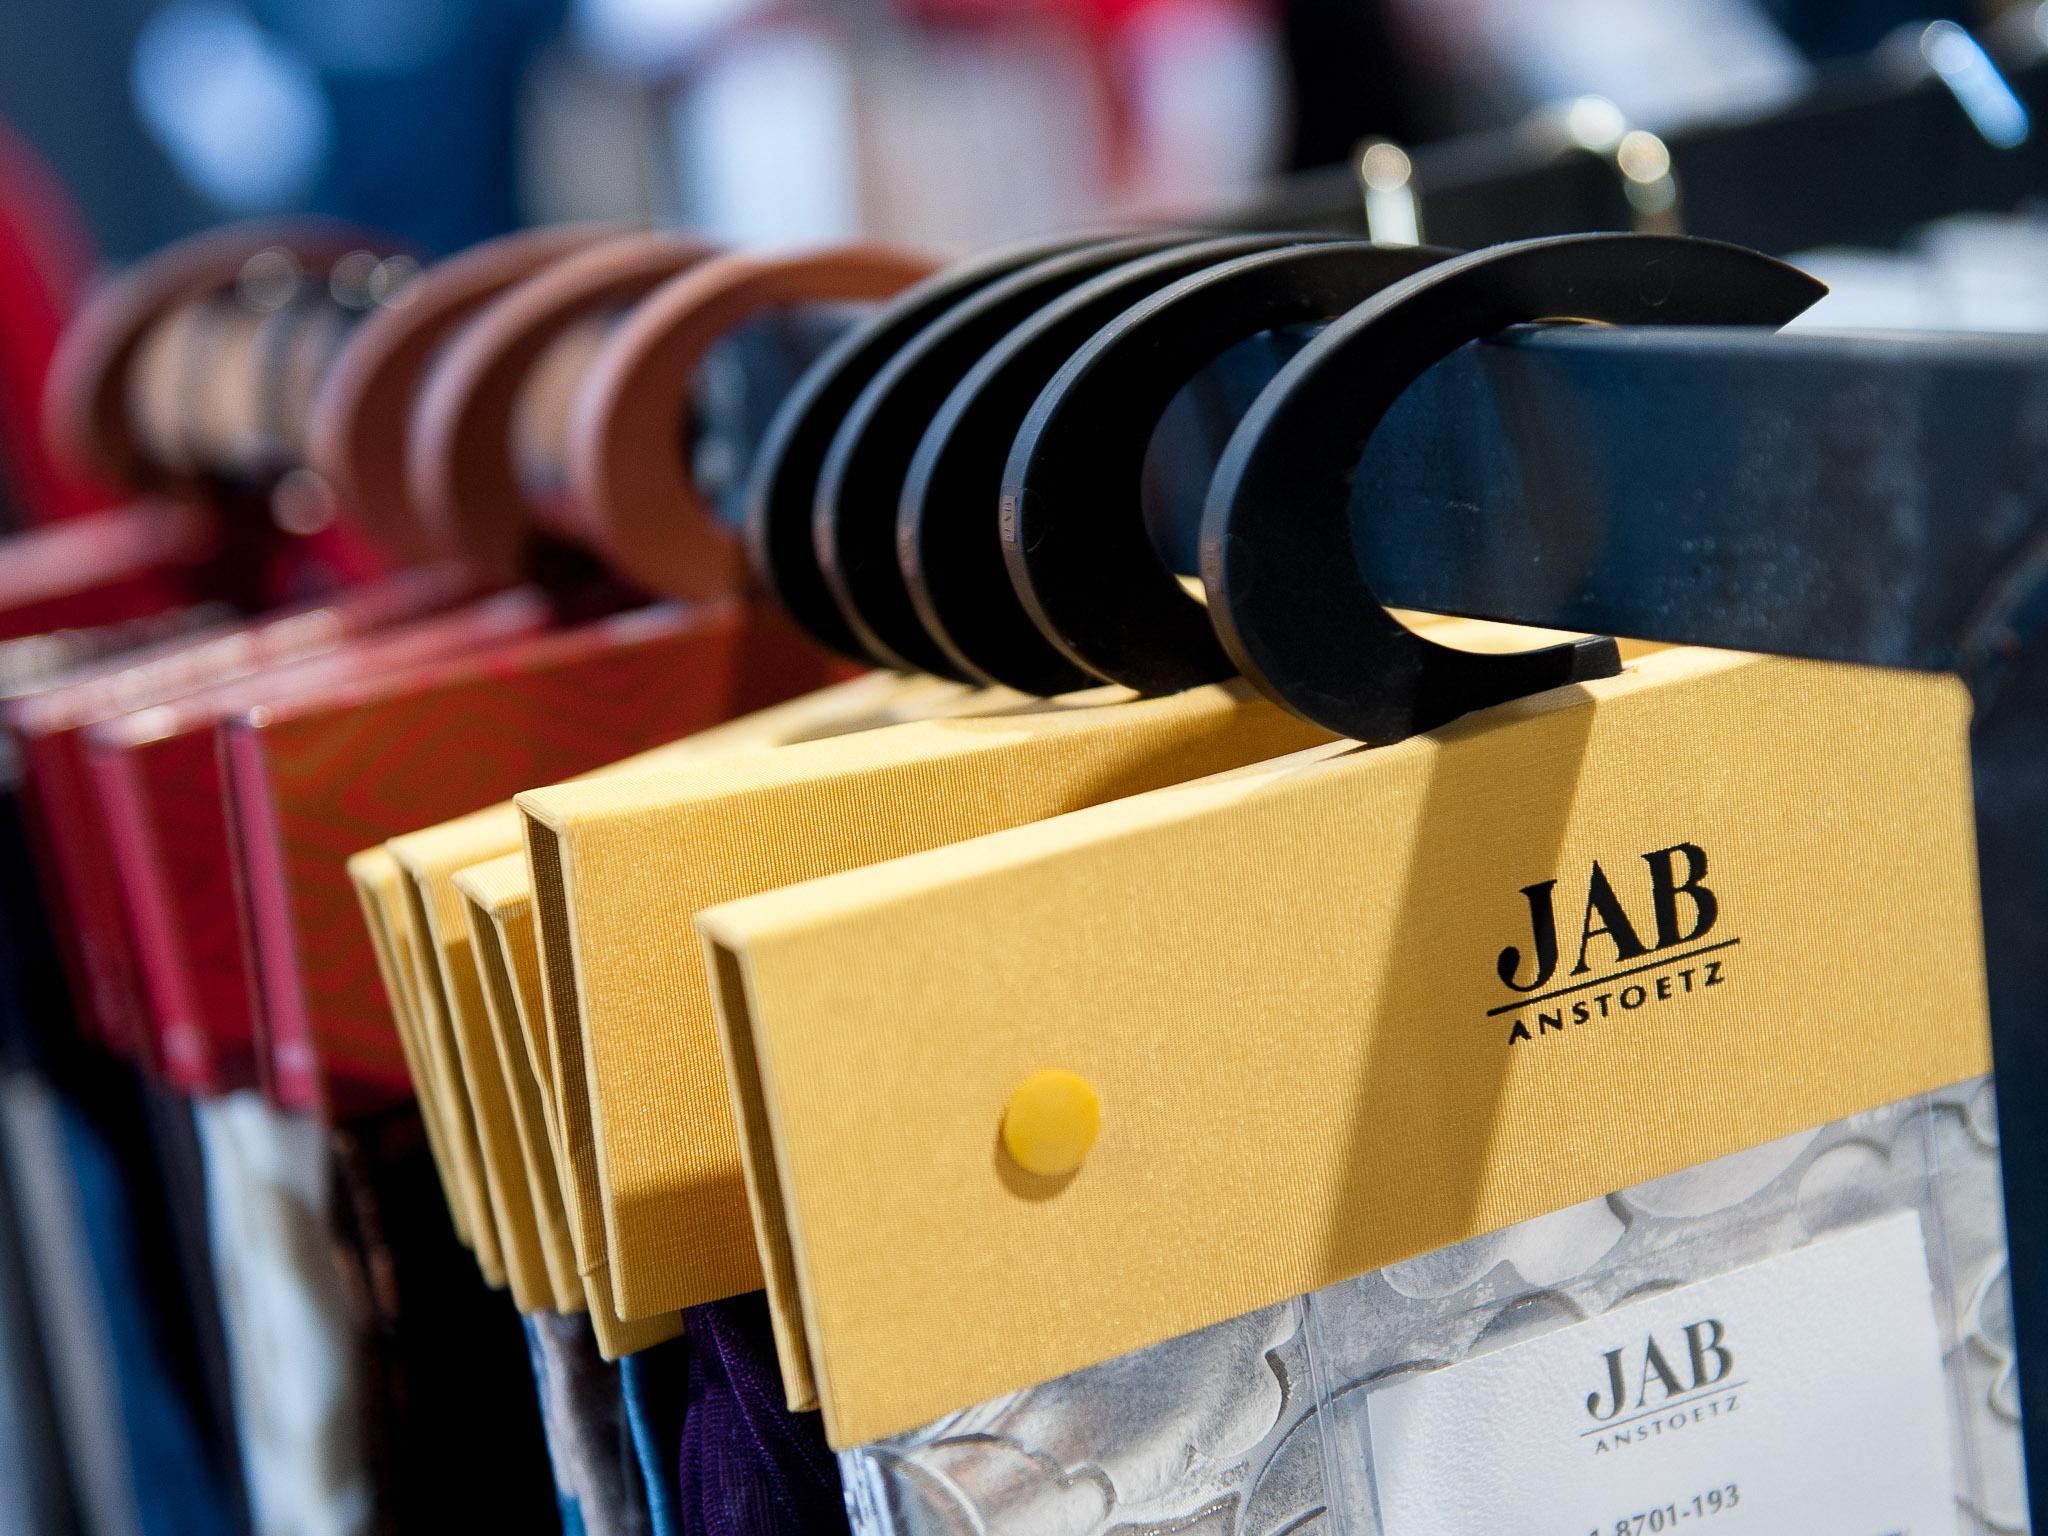 Tapeten | hochwertige Design-Bodenbeläge | LVT Luxury Vinyl Tiles | Stoffe - Vieles zum Anfassen, Spüren, Tasten, Faszinieren.